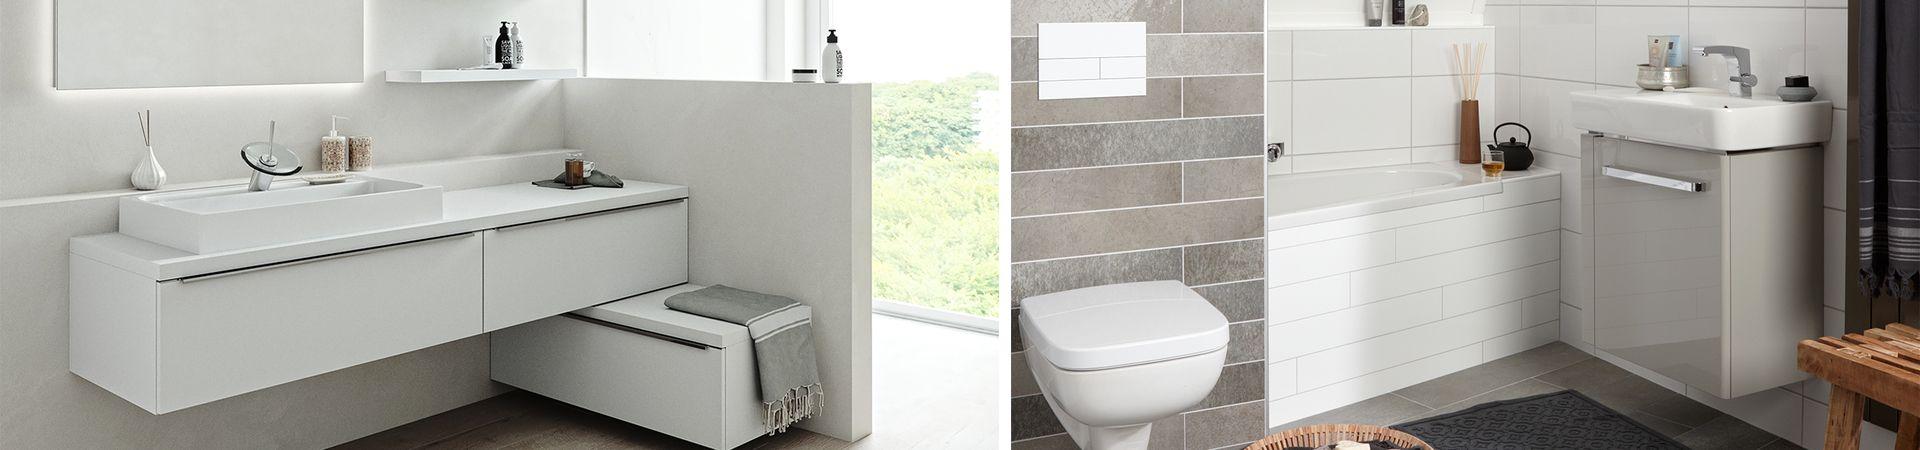 Tips voor een slimme badkamerindeling - Tips voor een slimme badkamerindeling